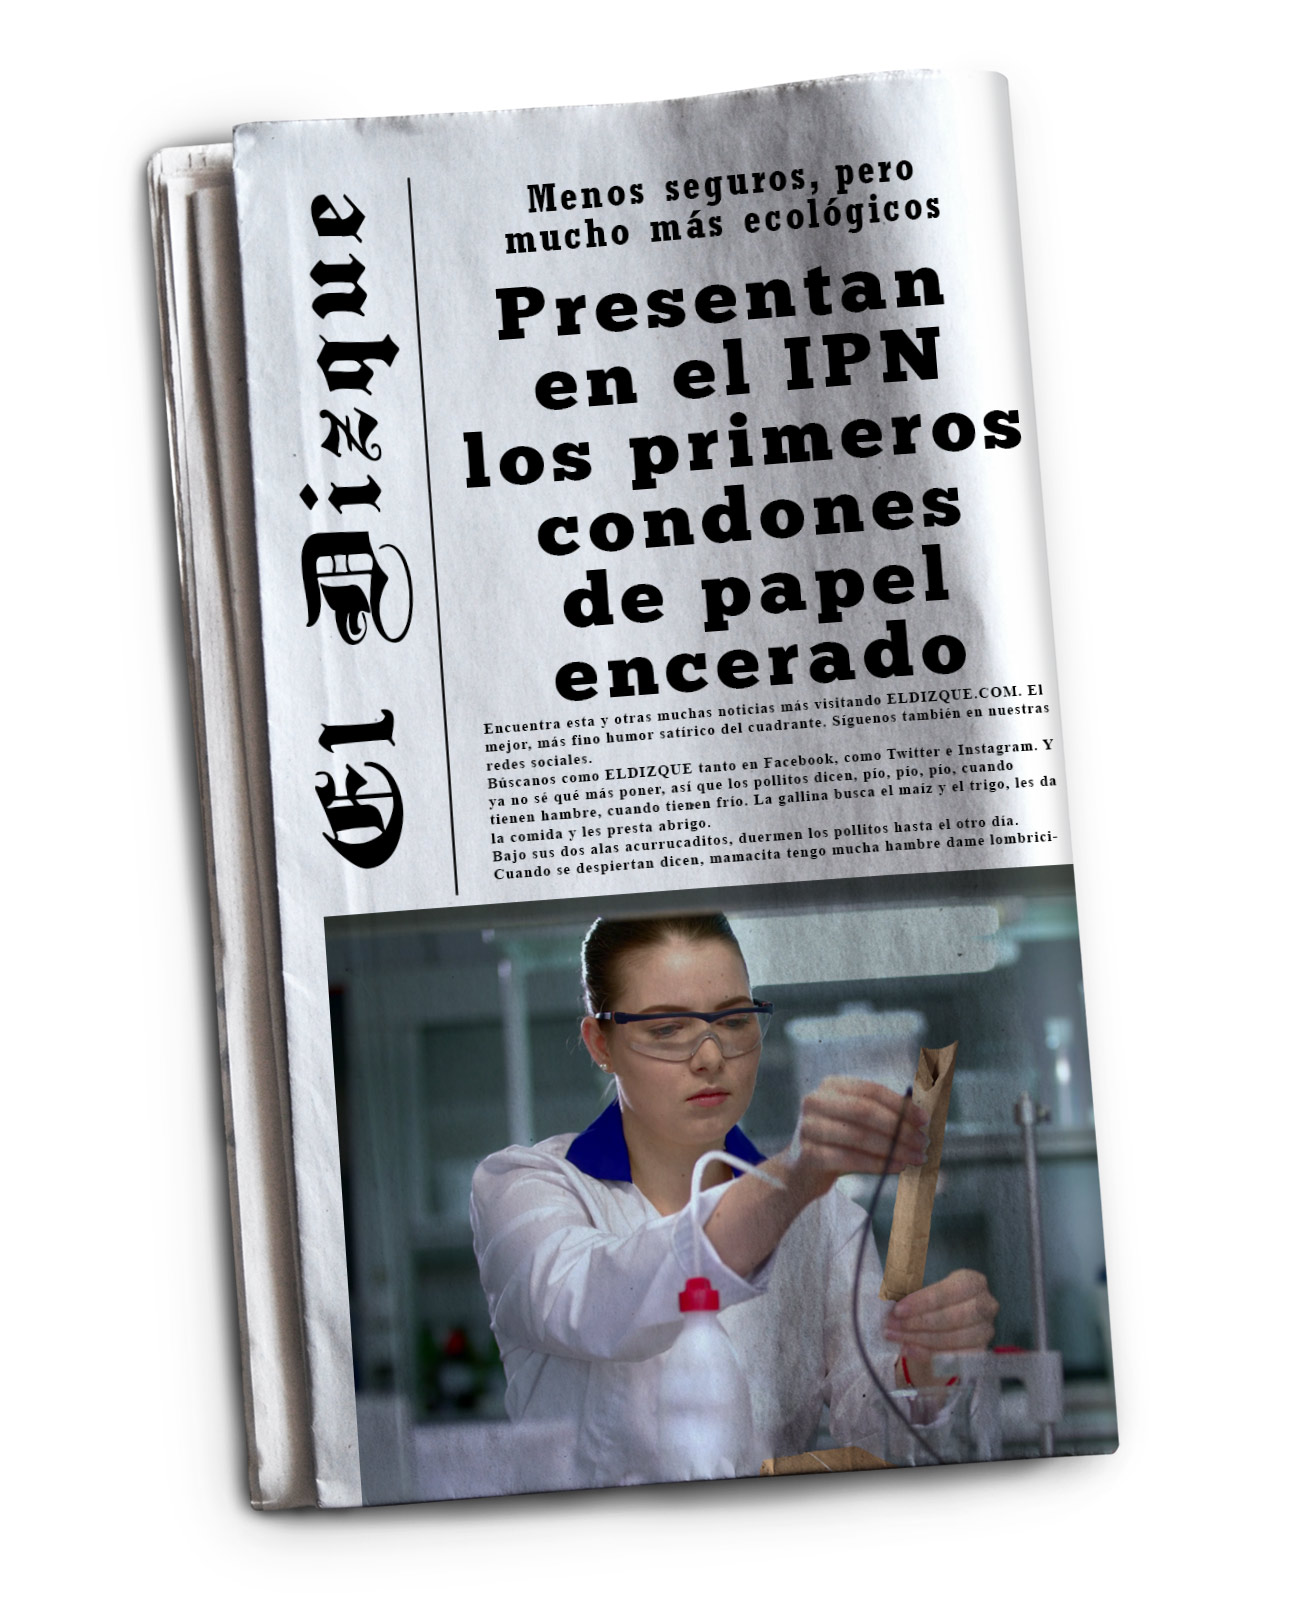 Presentan en el IPN los primeros condones de papel encerado